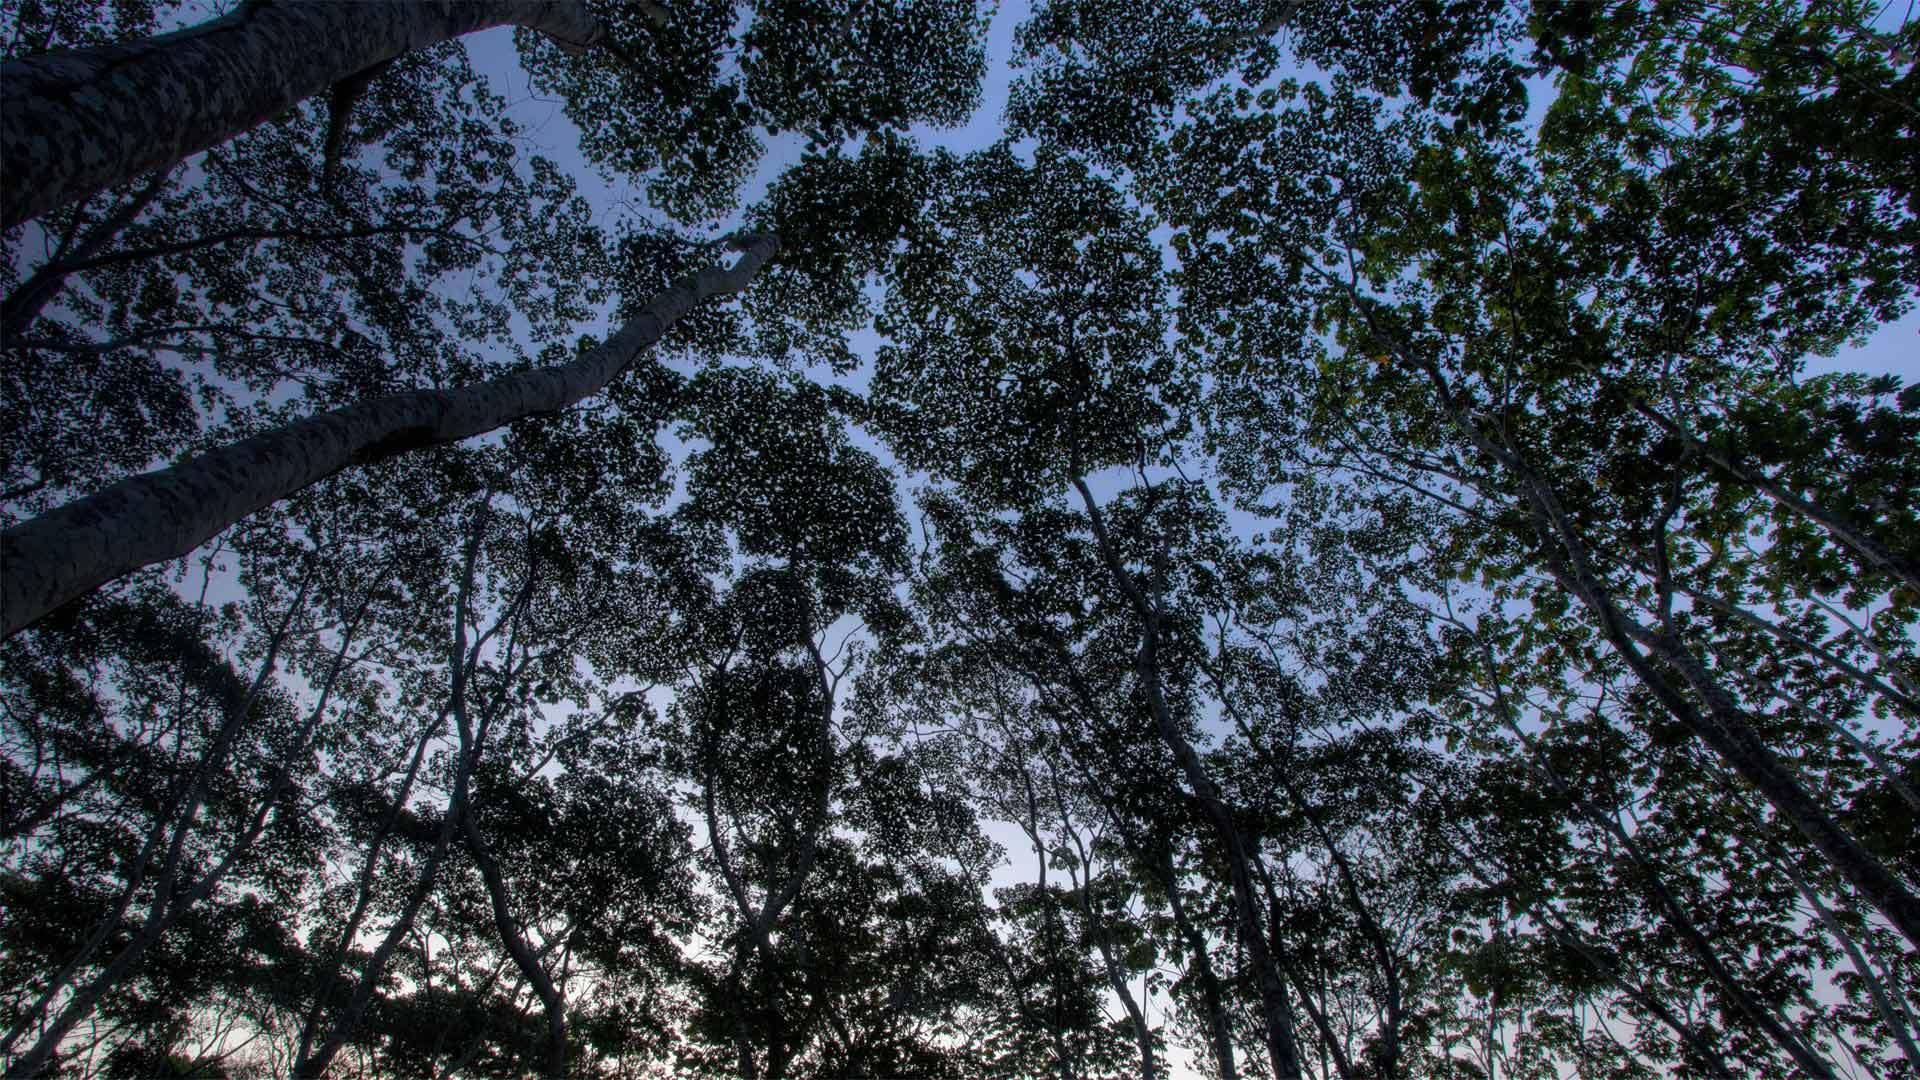 秘鲁亚马逊坦博帕塔国家保护区中的树冠